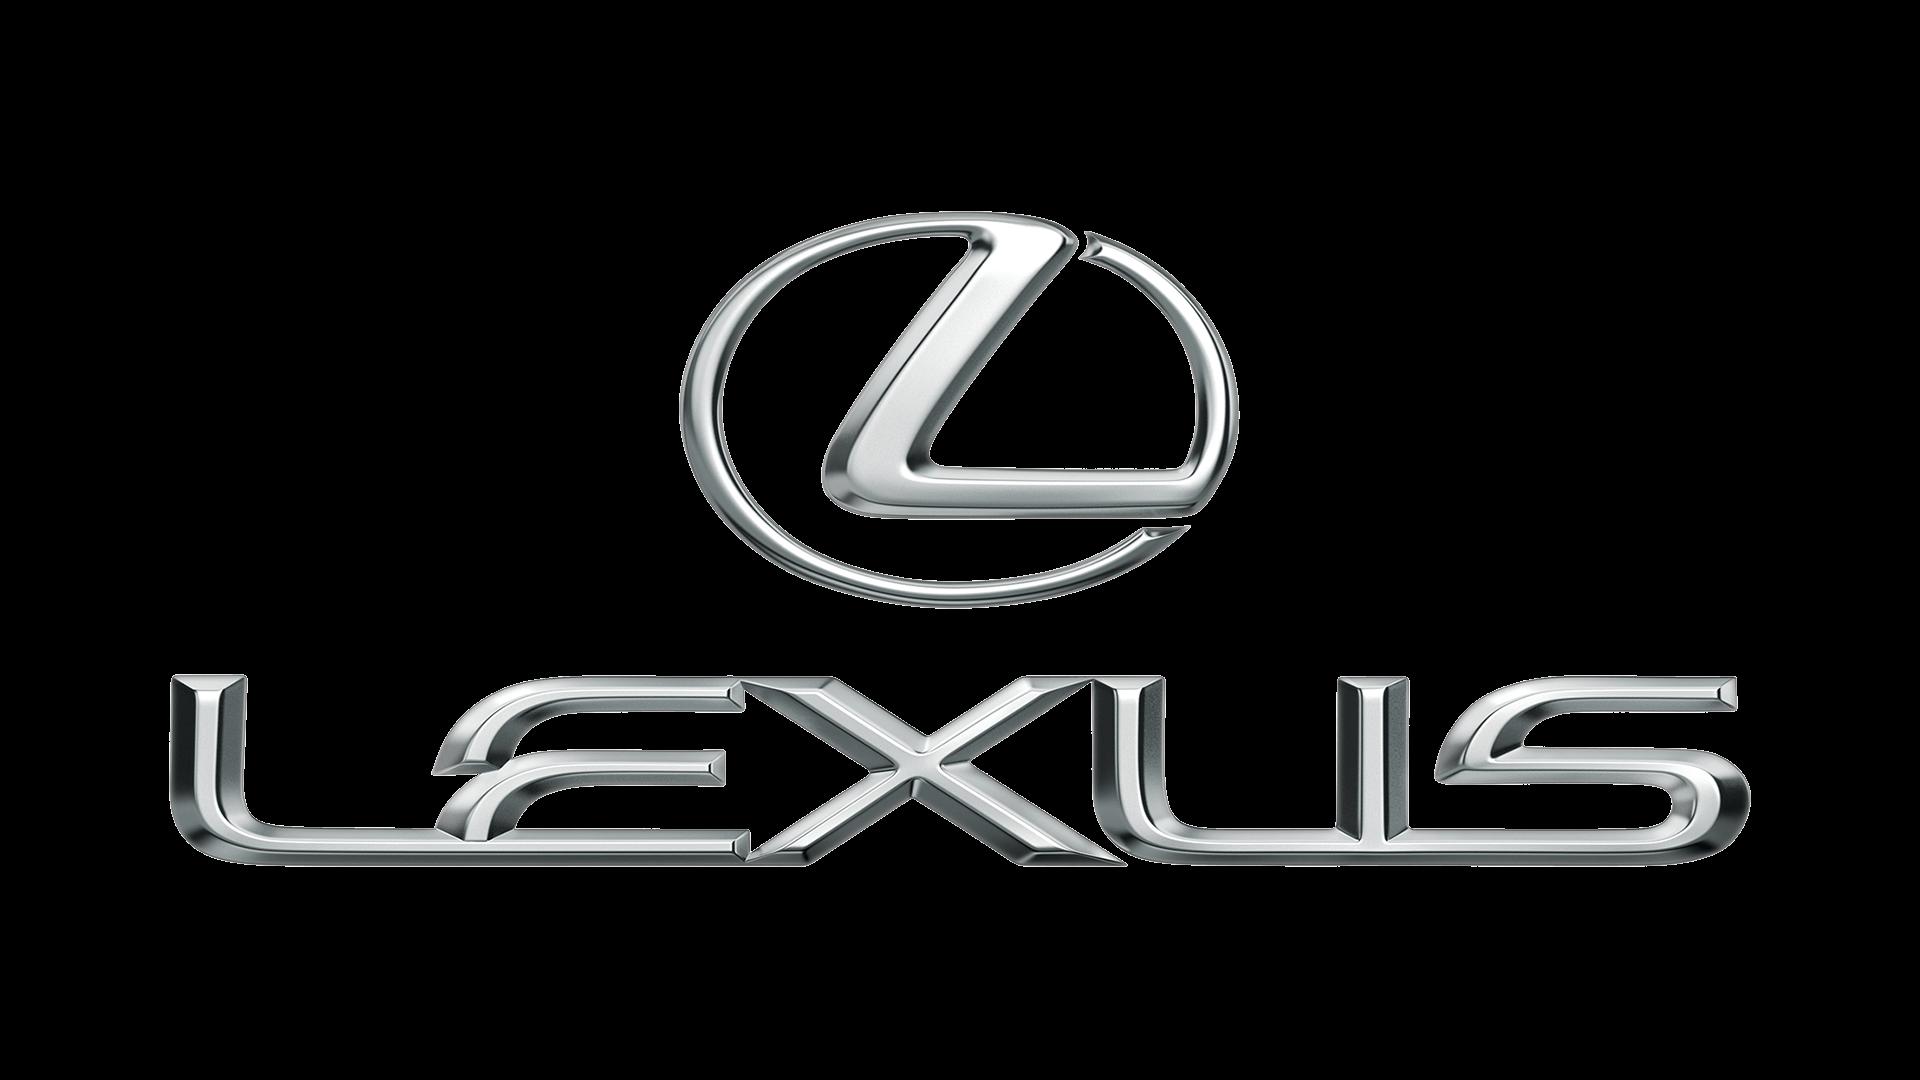 Car Logo Land Rover Transparent Png Stickpng